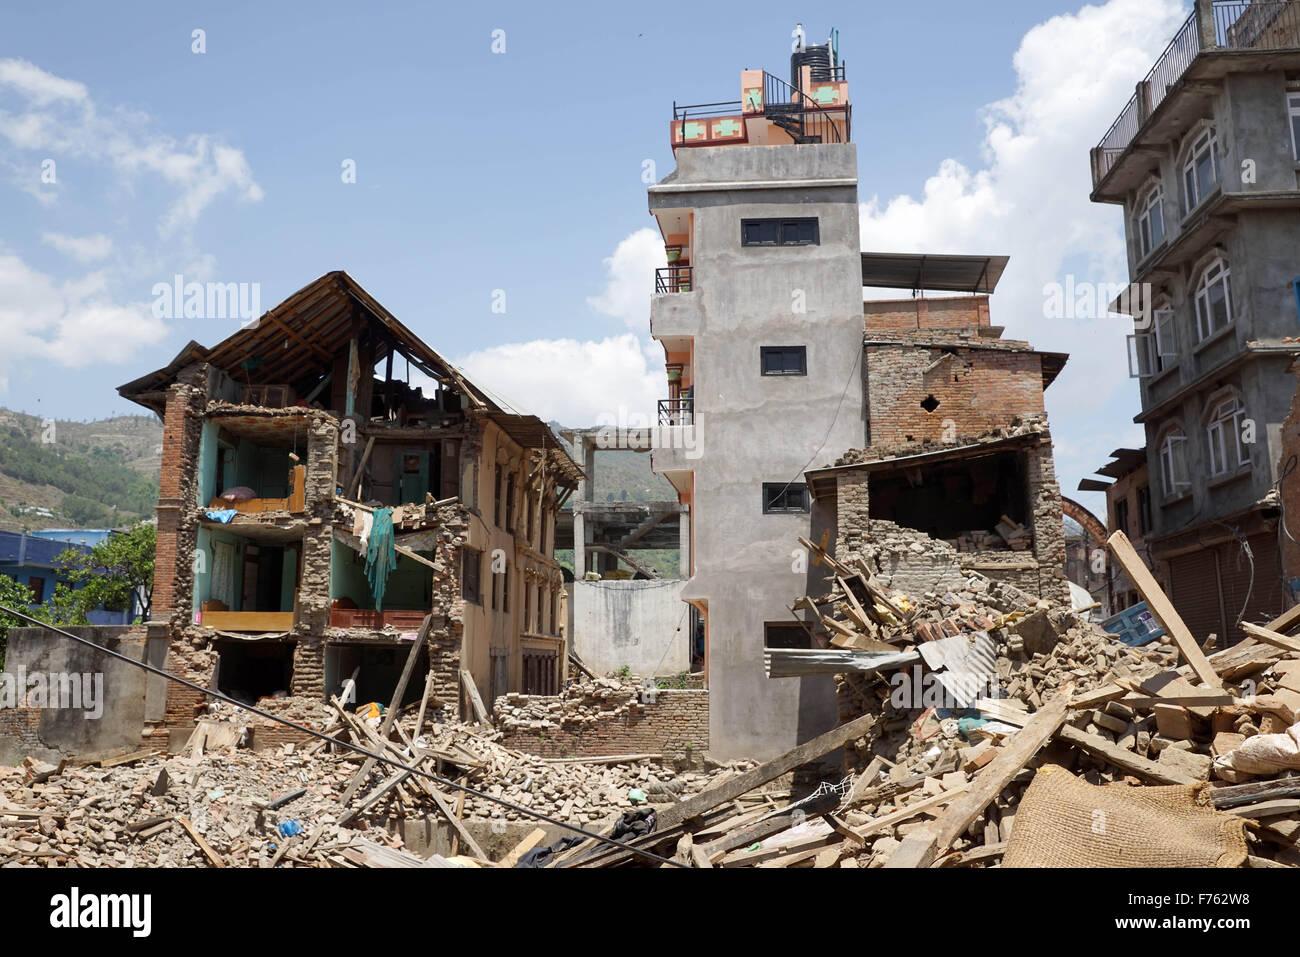 Wohn Gebäude eingestürzt, Nepal, Asien Stockbild